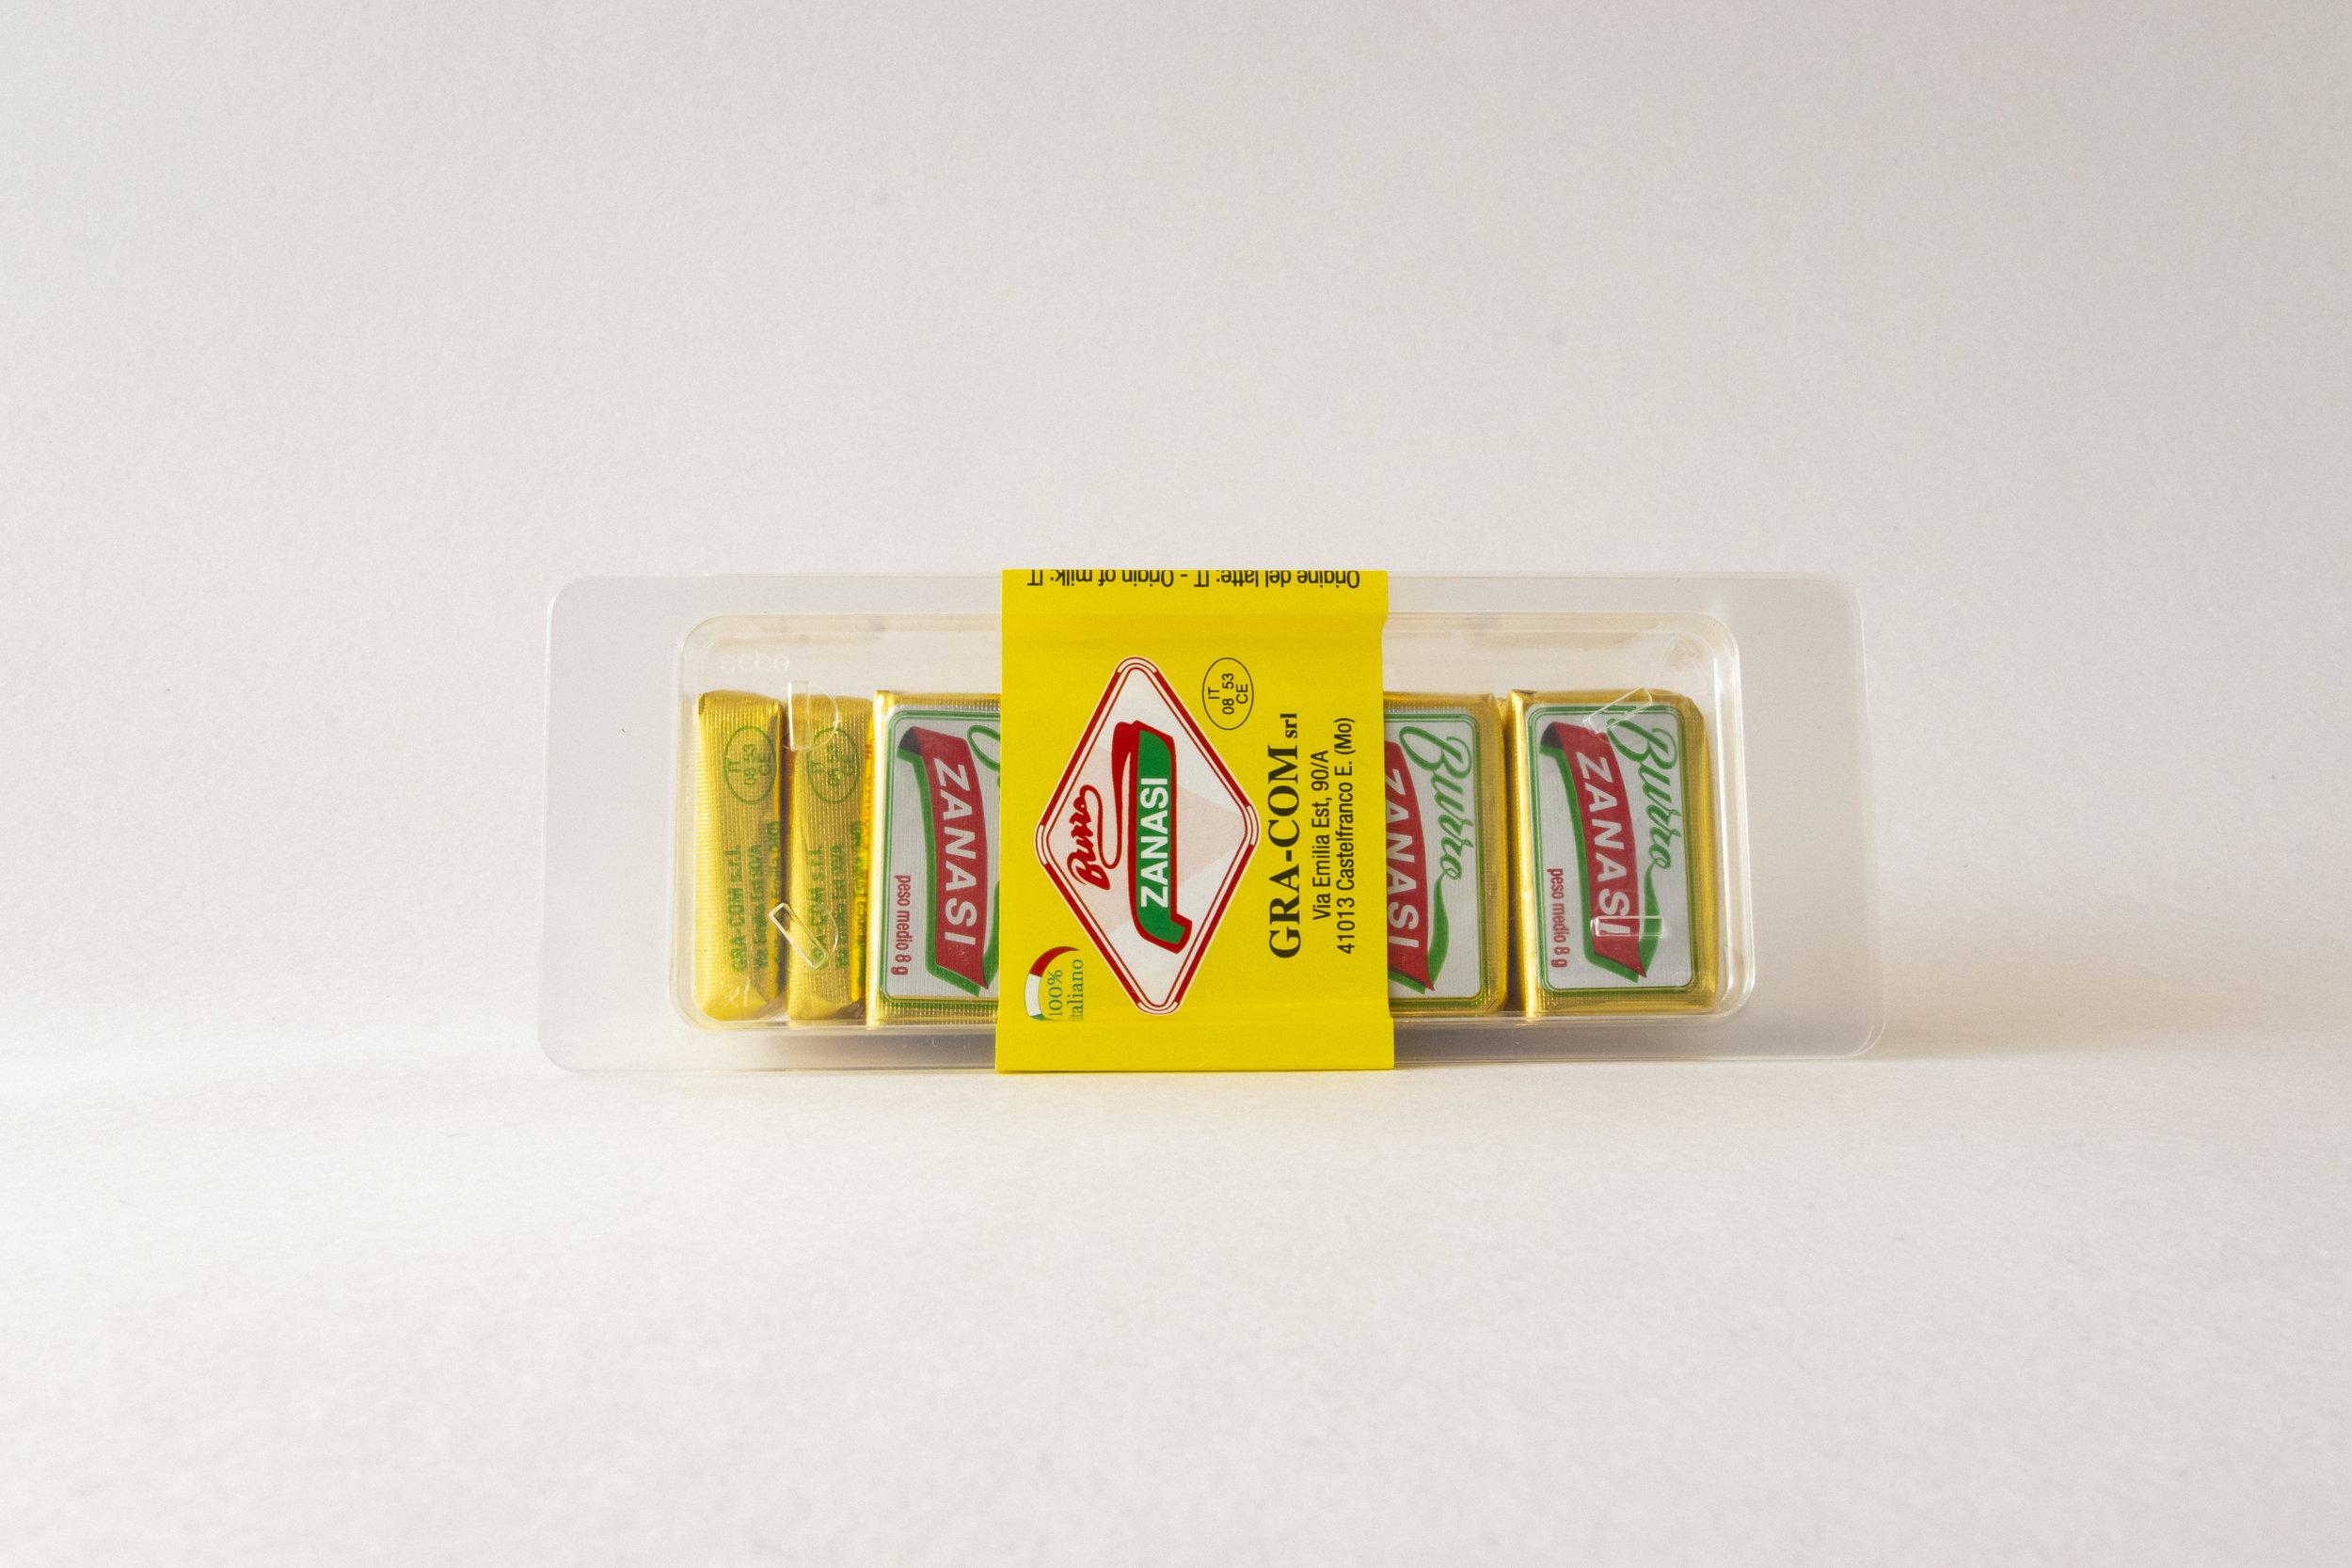 """Burro """"Family"""" Zanasi - 14 burro porzioni da 8gr ciascuno disposti in una comoda vaschetta."""